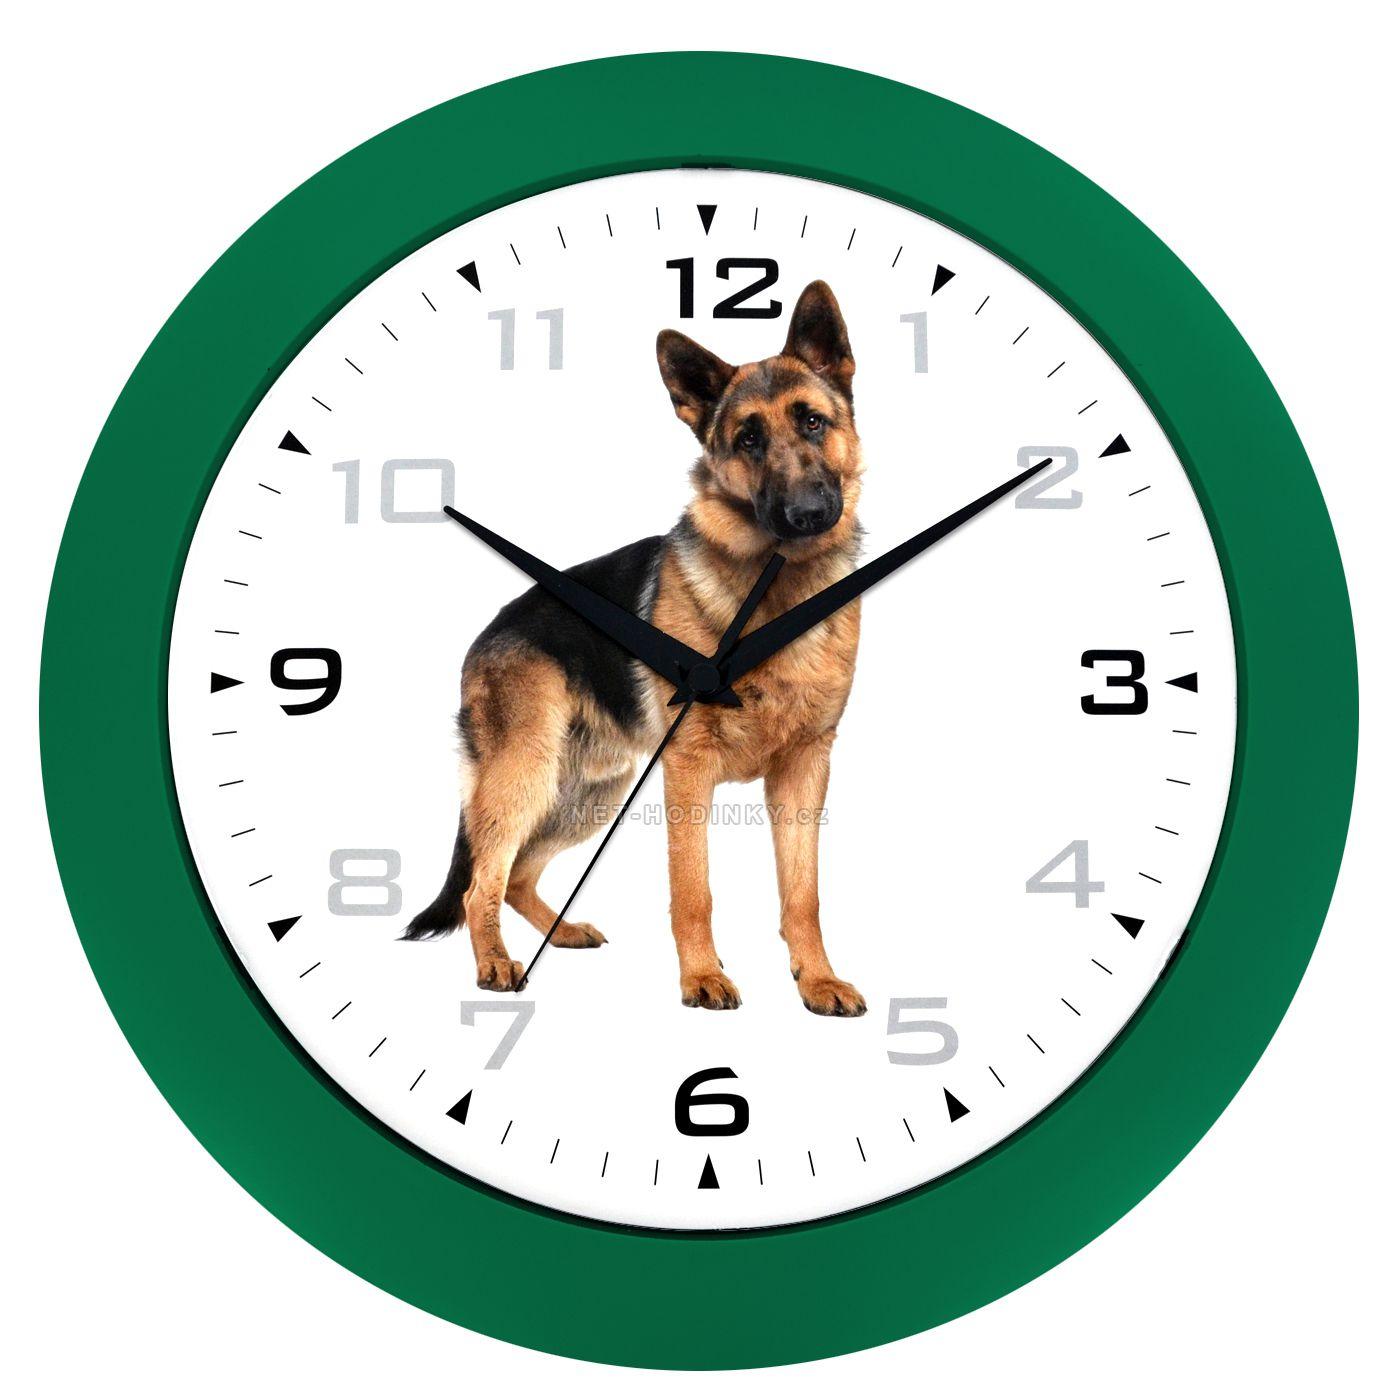 Nástěnné hodiny na stěnu, nástěnné hodiny na zeď motiv pes HJ28035 zelená